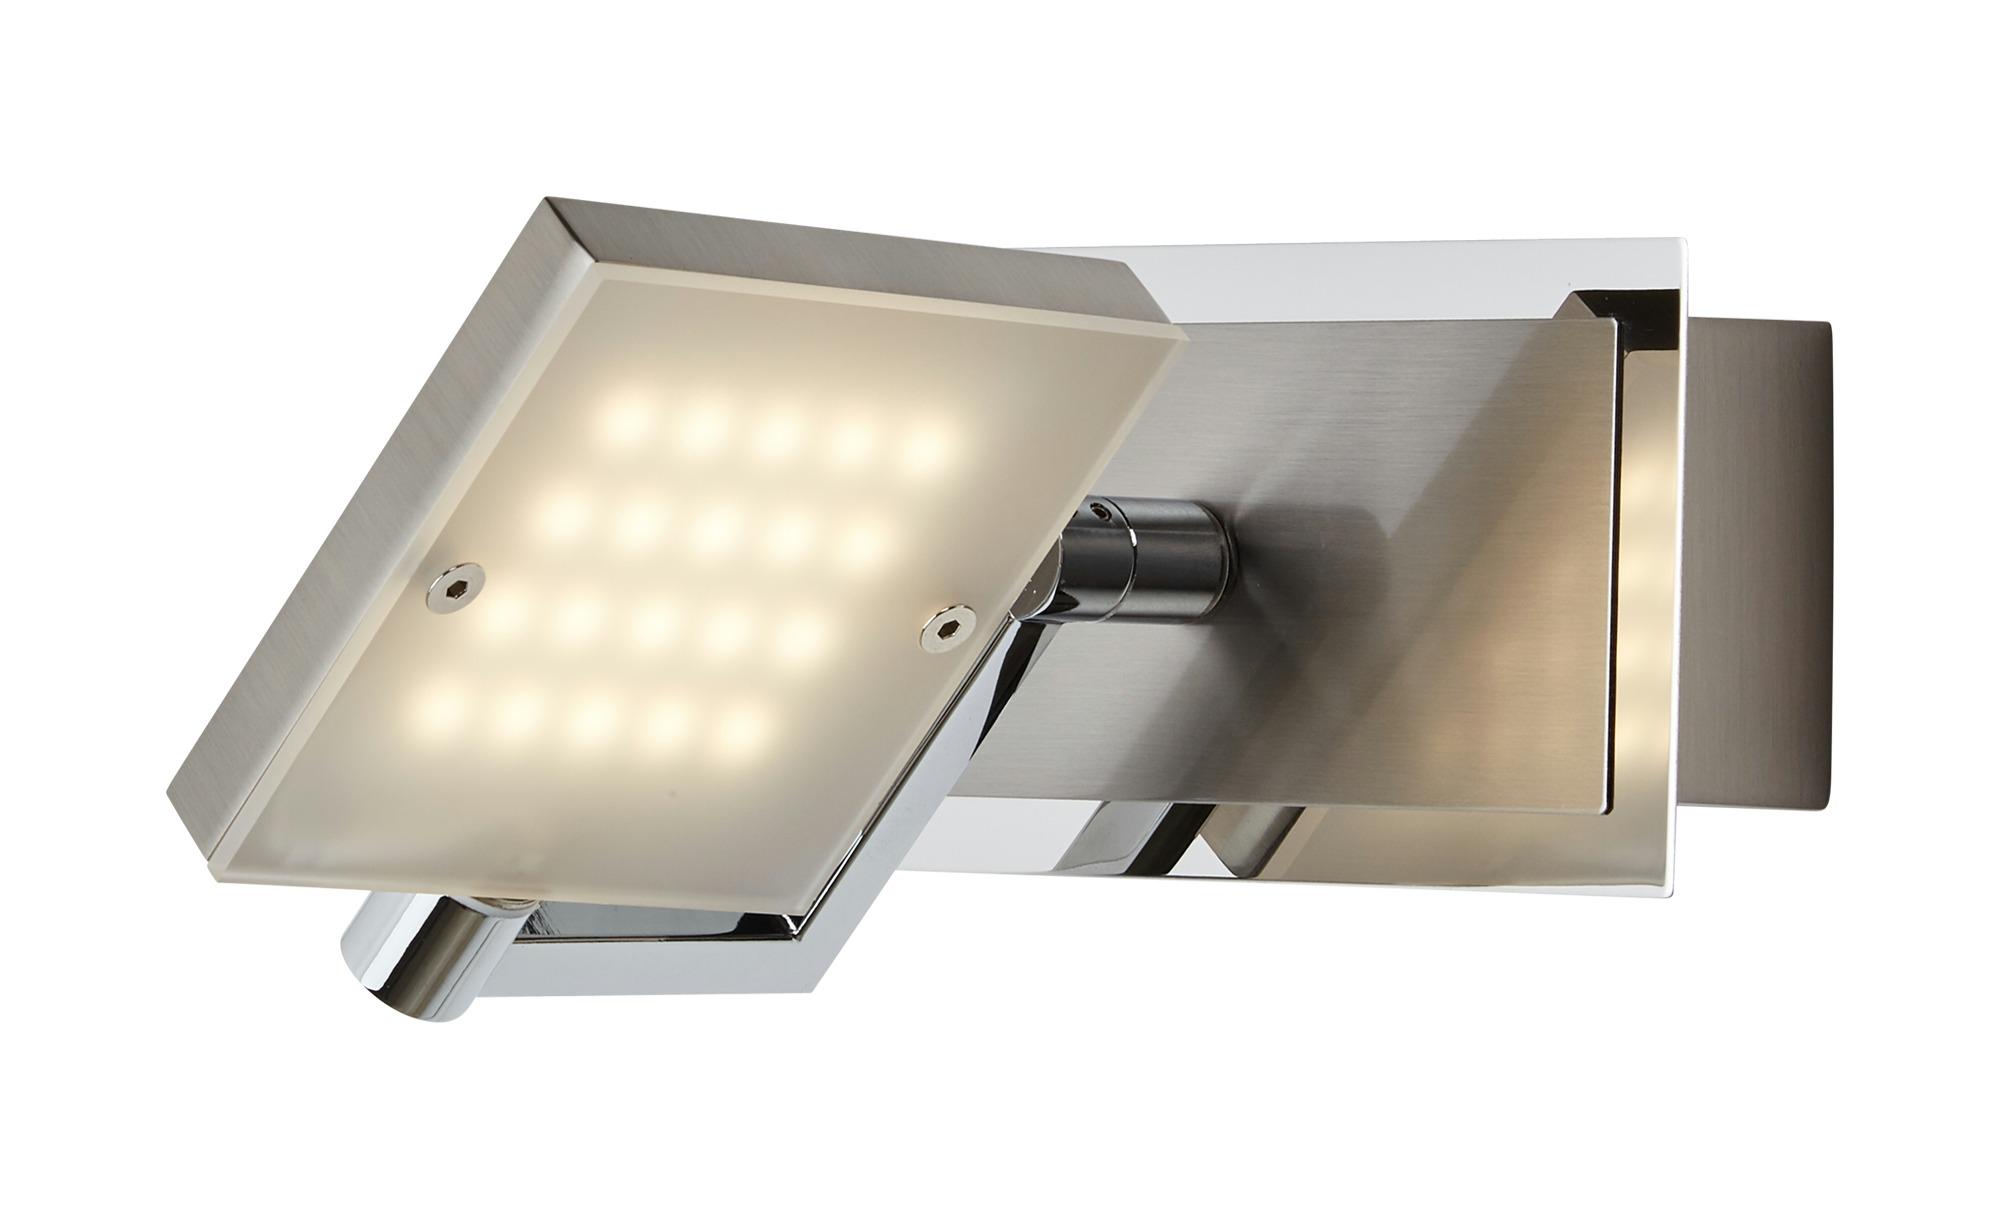 Fischer-Honsel LED- Strahler, 1-flammig, nickel matt, mehrfach verstellbar ¦ silber ¦ Maße (cm): B: 9,5 Lampen & Leuchten > Innenleuchten > Wandleuchten - Höffner